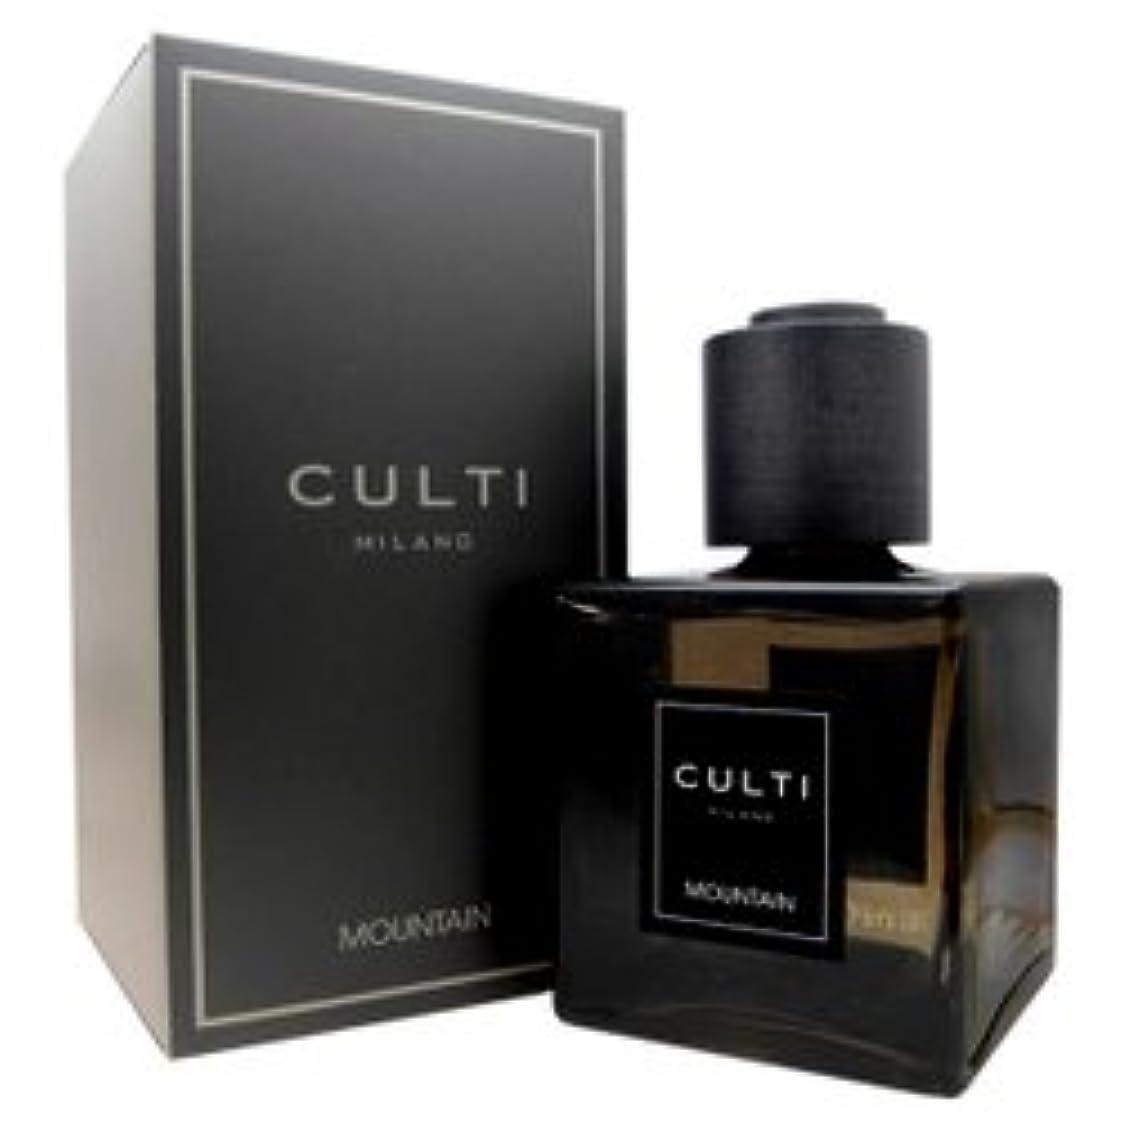 スパーク申し込む時代【CULTI】クルティ デコールクラシック MOUNTAIN 250ml [並行輸入品]